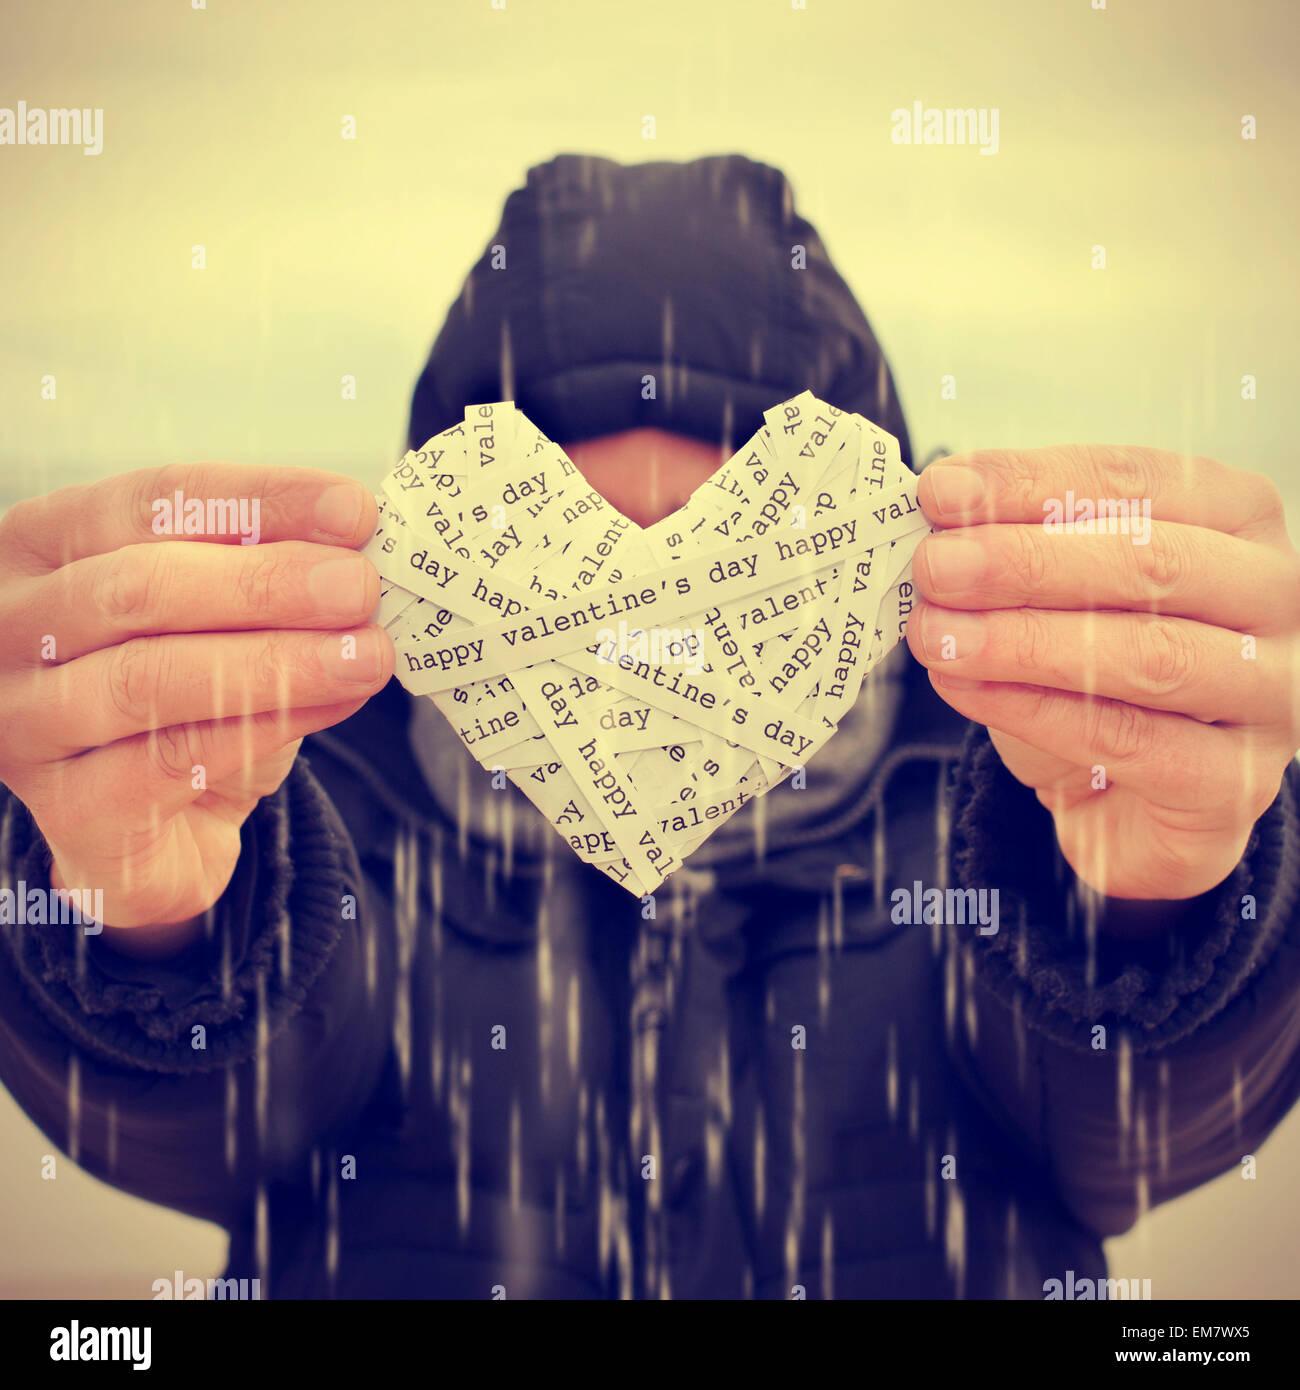 ein junger Mann unter dem Regen zeigt ein Herz mit Papierstreifen mit dem Text happy Valentines Day mit einem Filtereffekt Stockbild